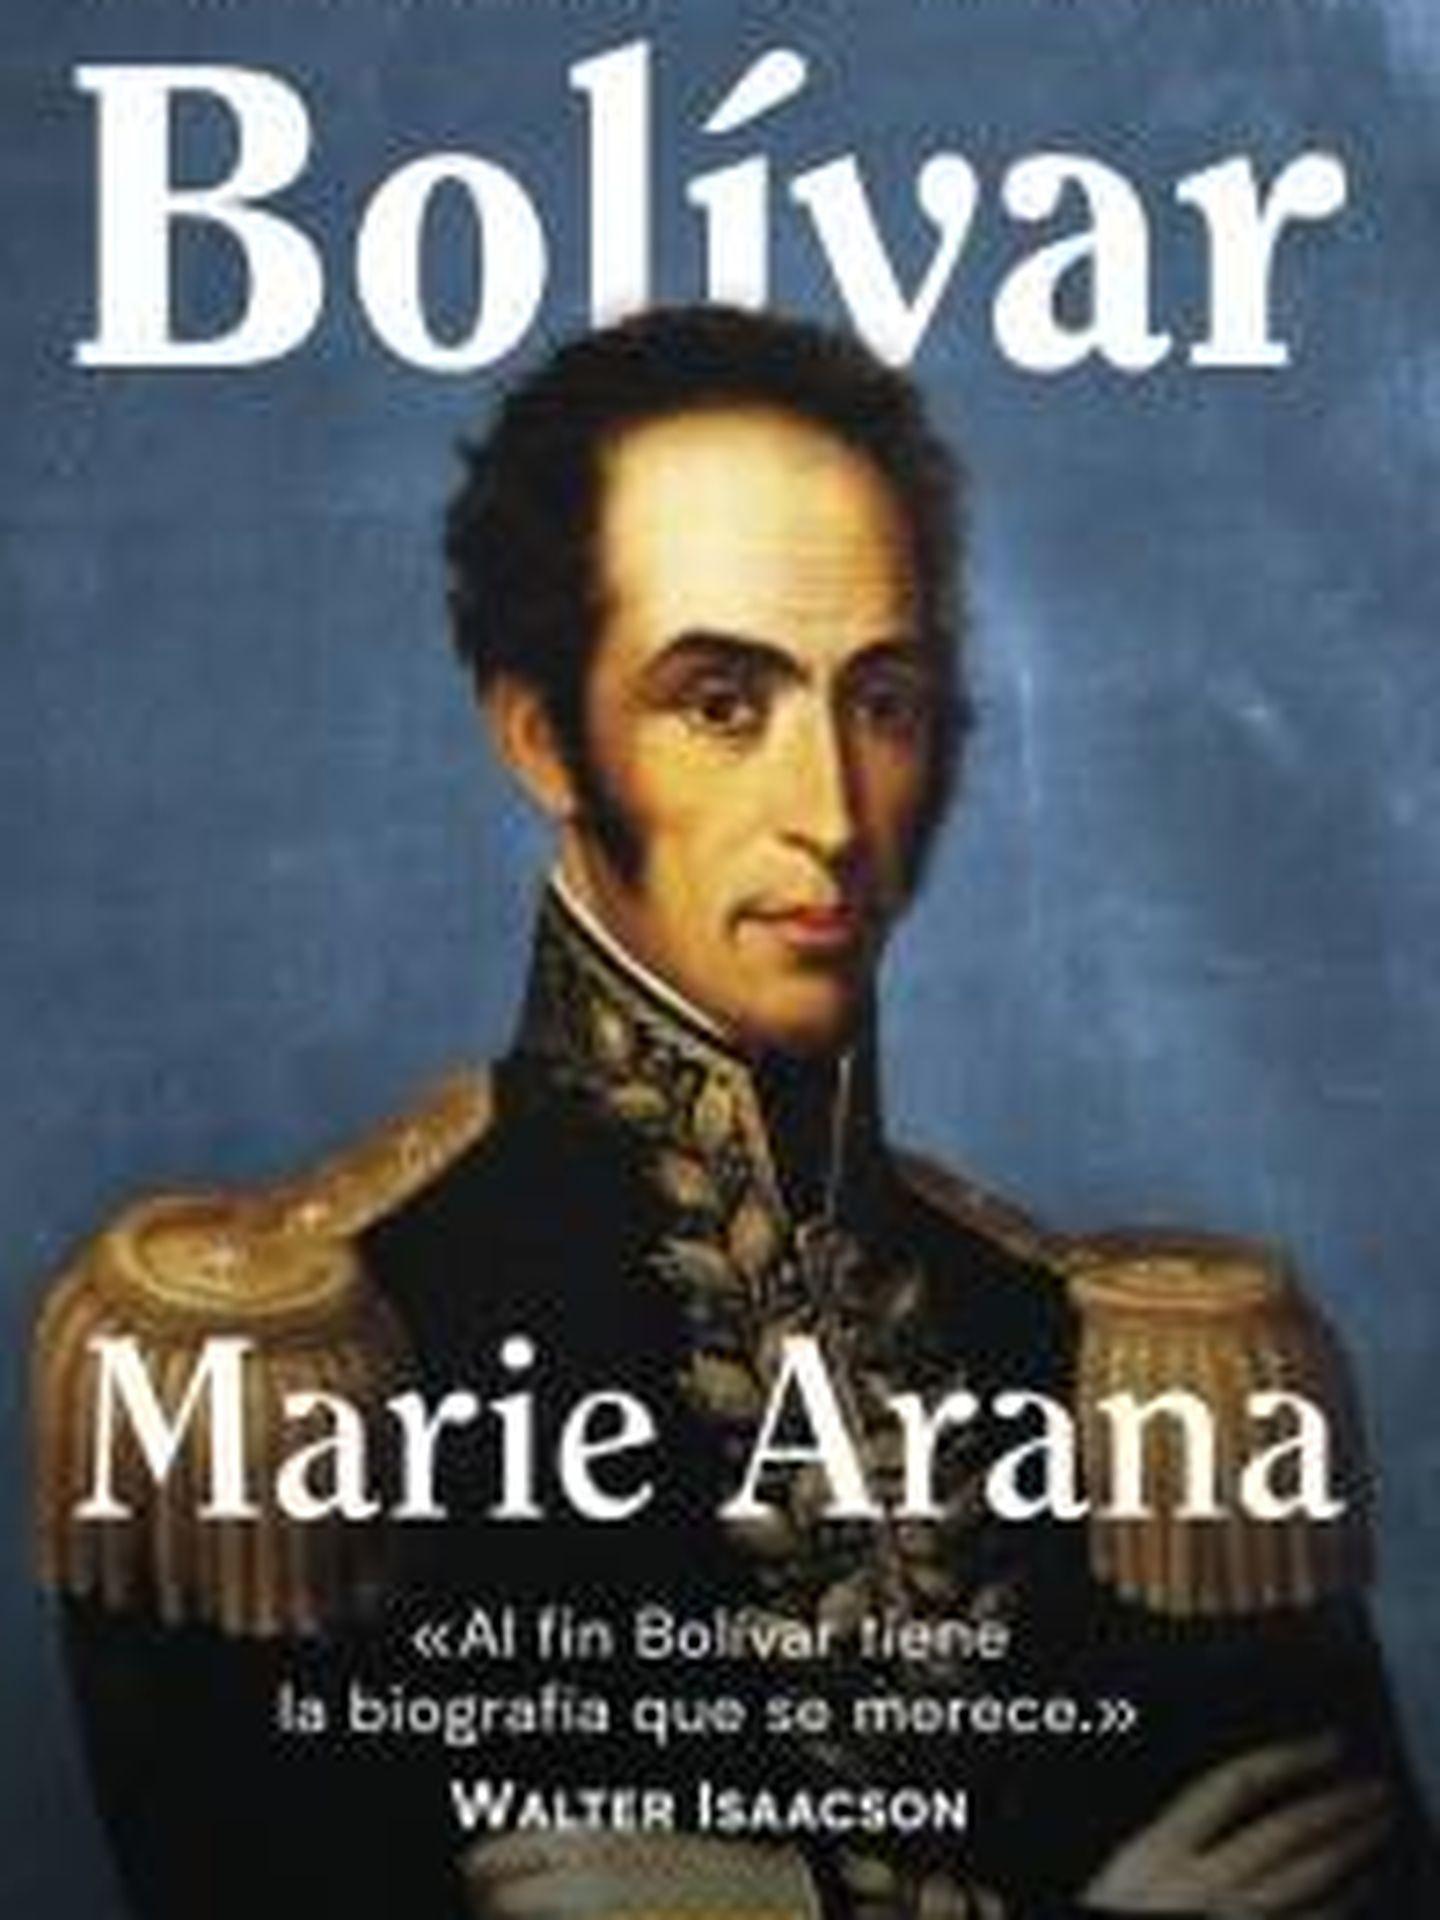 Bolívar, de Marie Arana